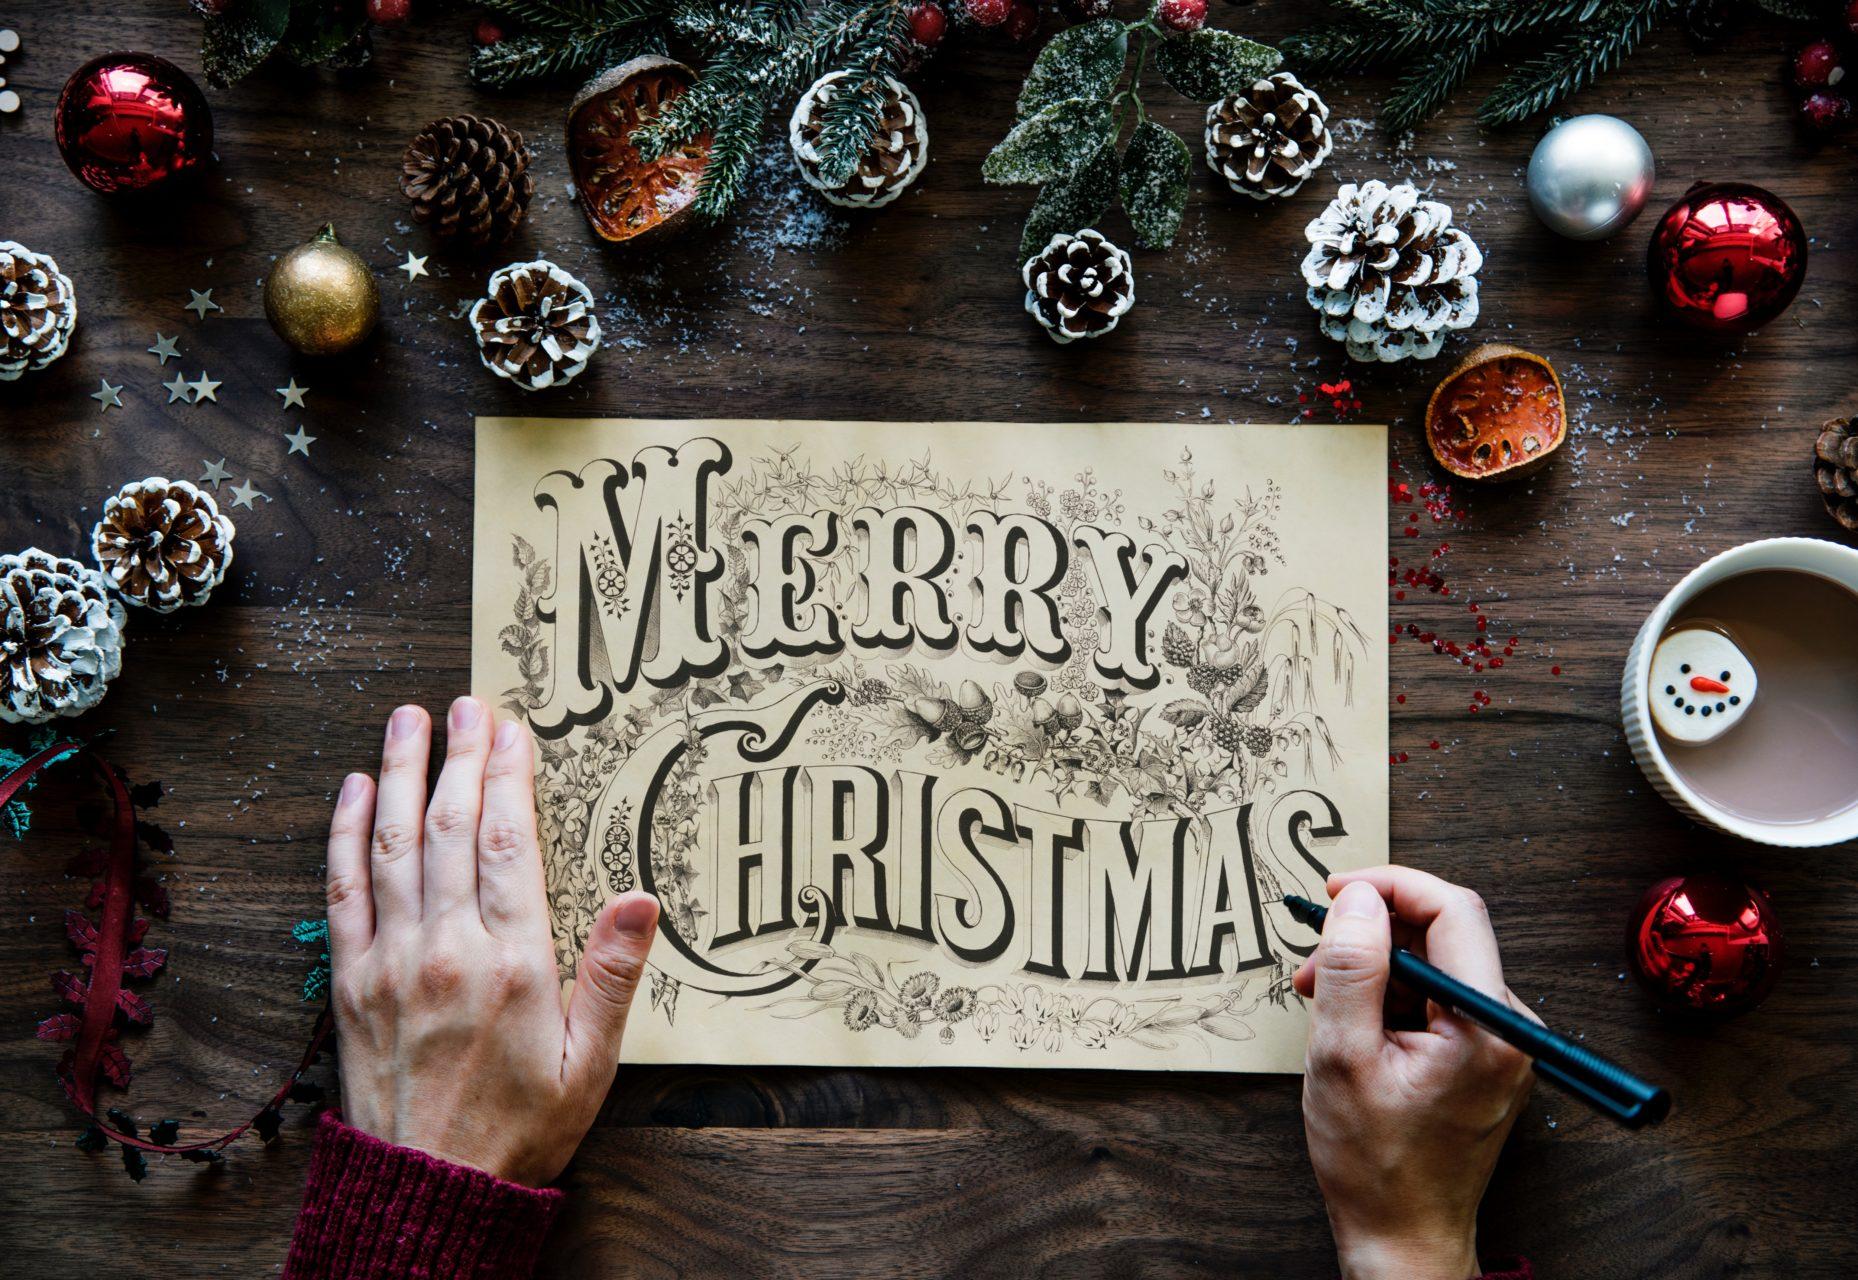 Kreative Weihnachtskarten Selbst Gestalten Weihnachtspostkarten Bestellen Kaufen